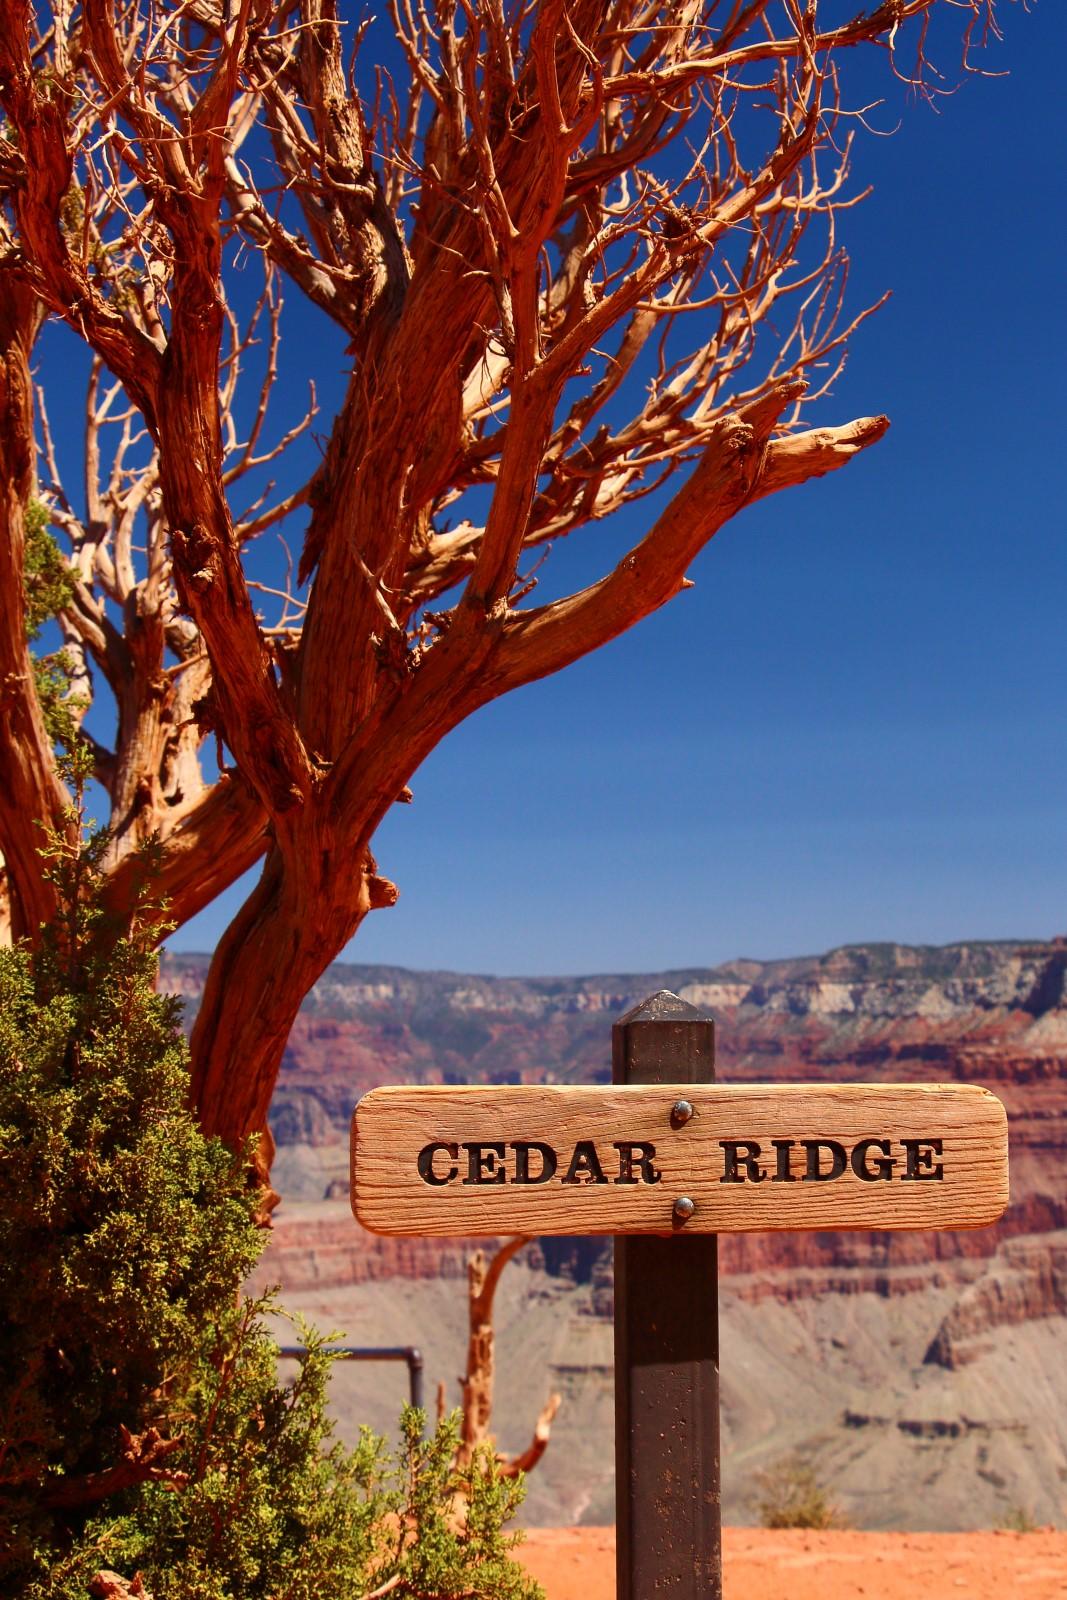 Cedar ridge south kaibab trail grand canyon for Ceder ridge